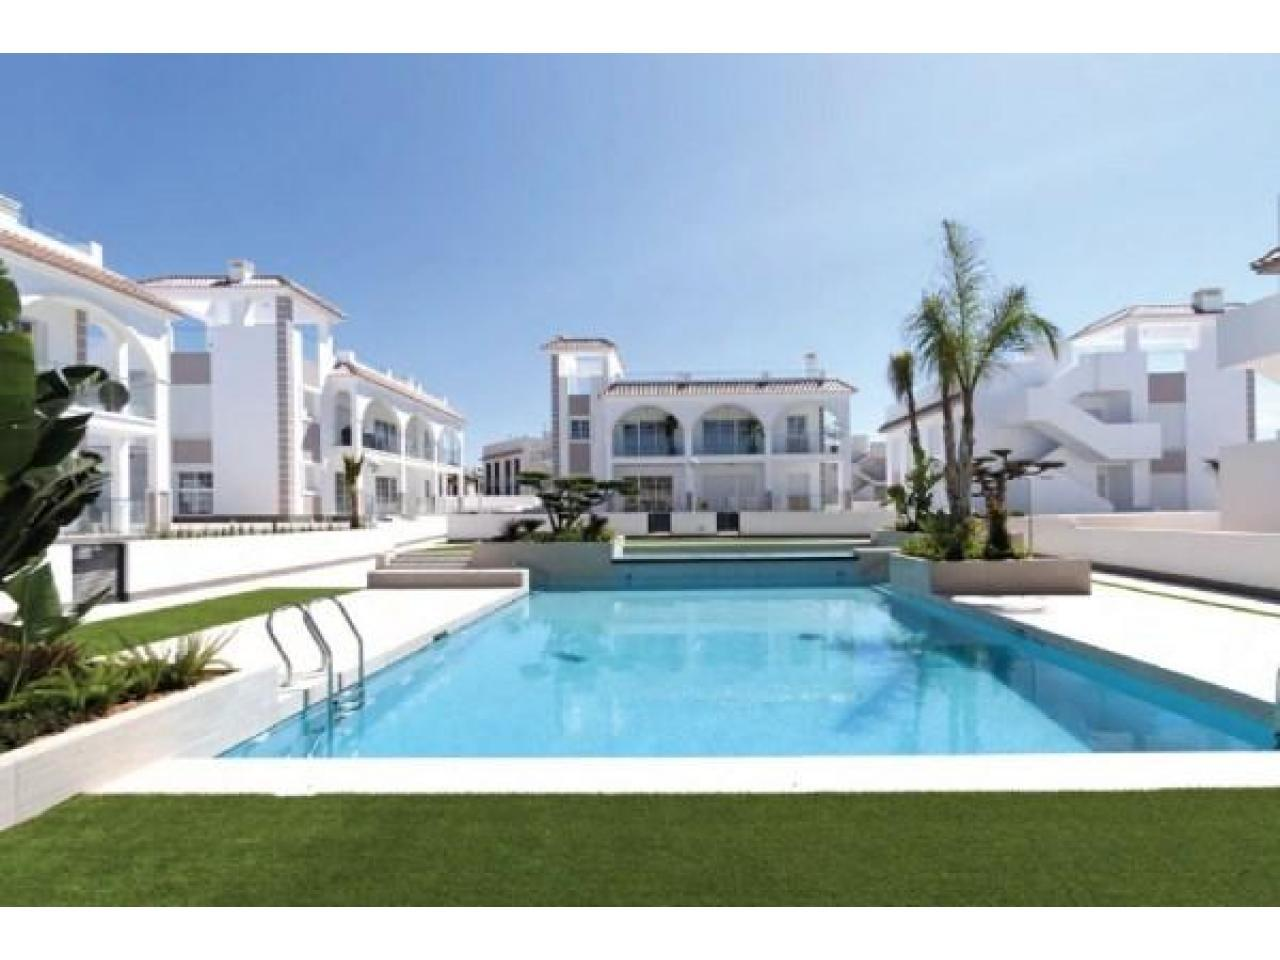 Недвижимость в Испании, Новые бунгало от застройщика в Сьюдад Кесада,Коста Бланка,Испания - 3